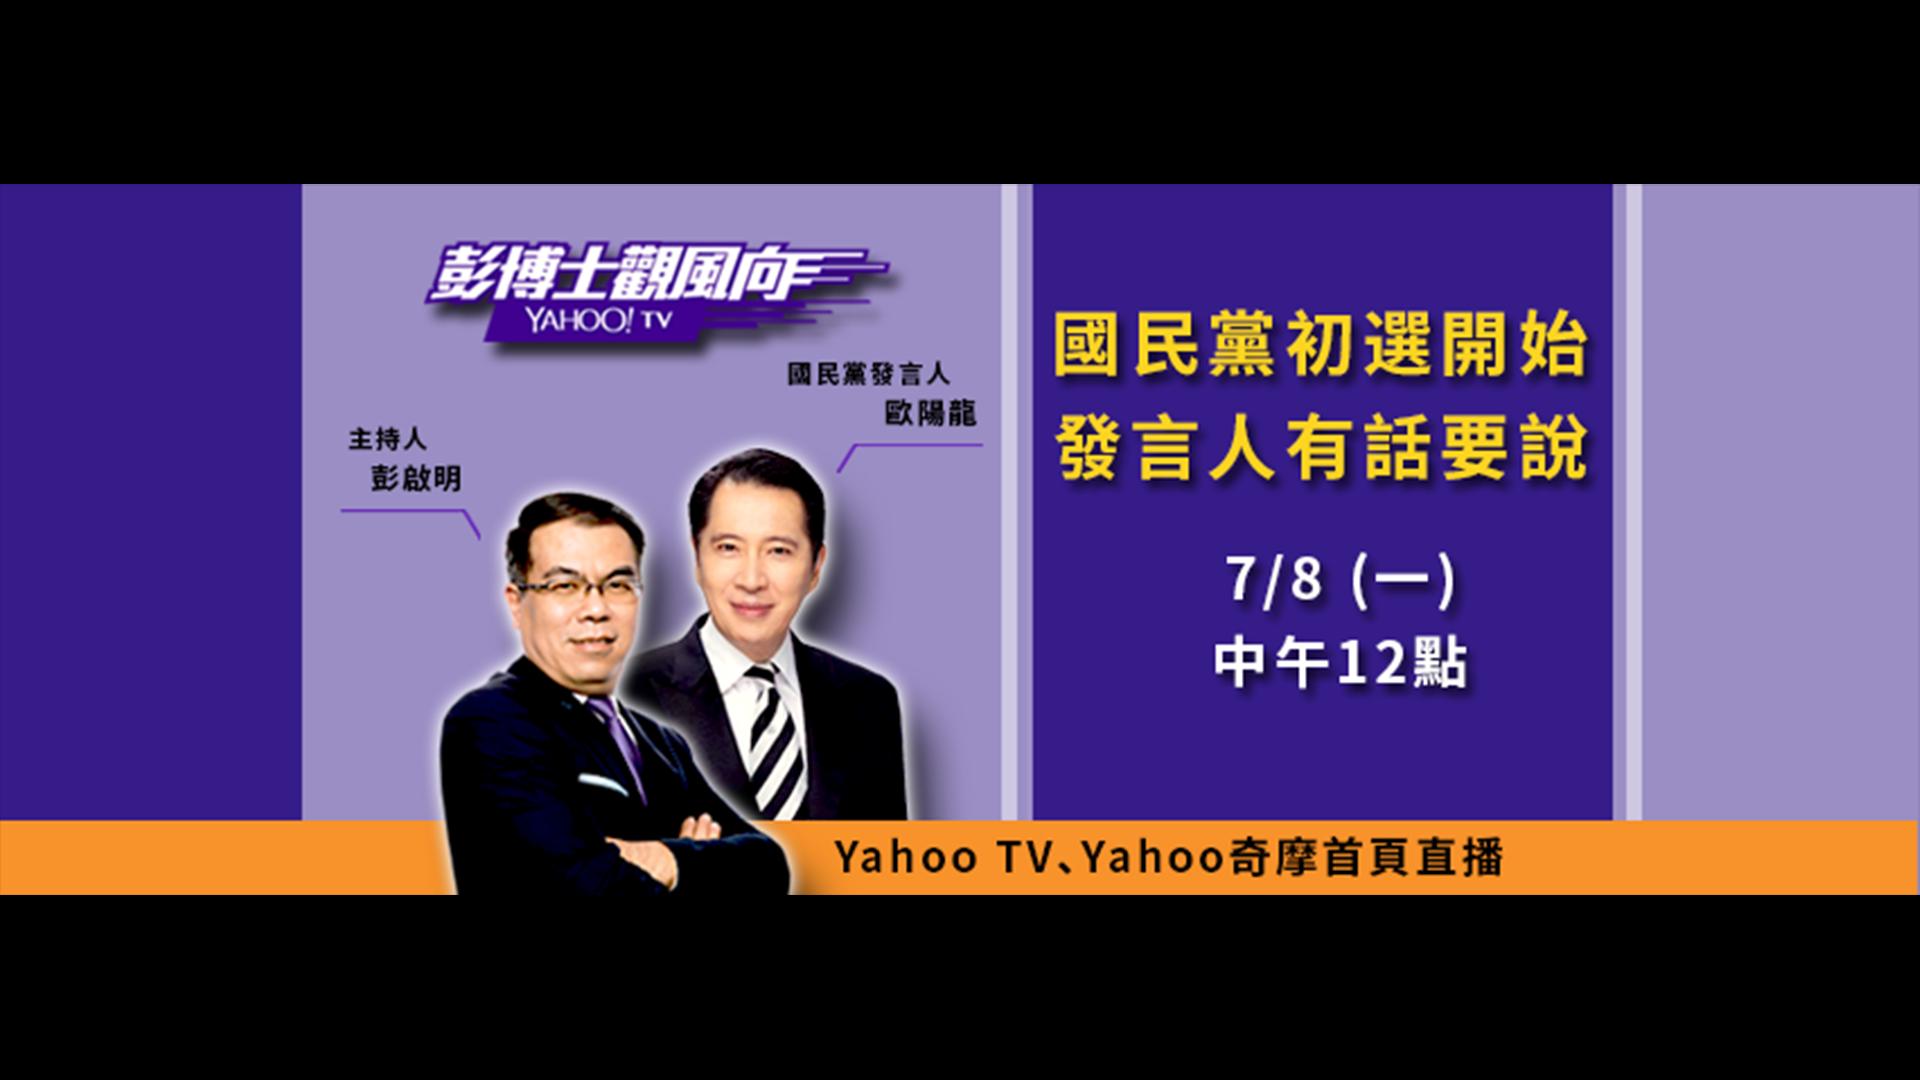 彭博士觀風向:國民黨初選開始 發言人有話要說 20190708完整版